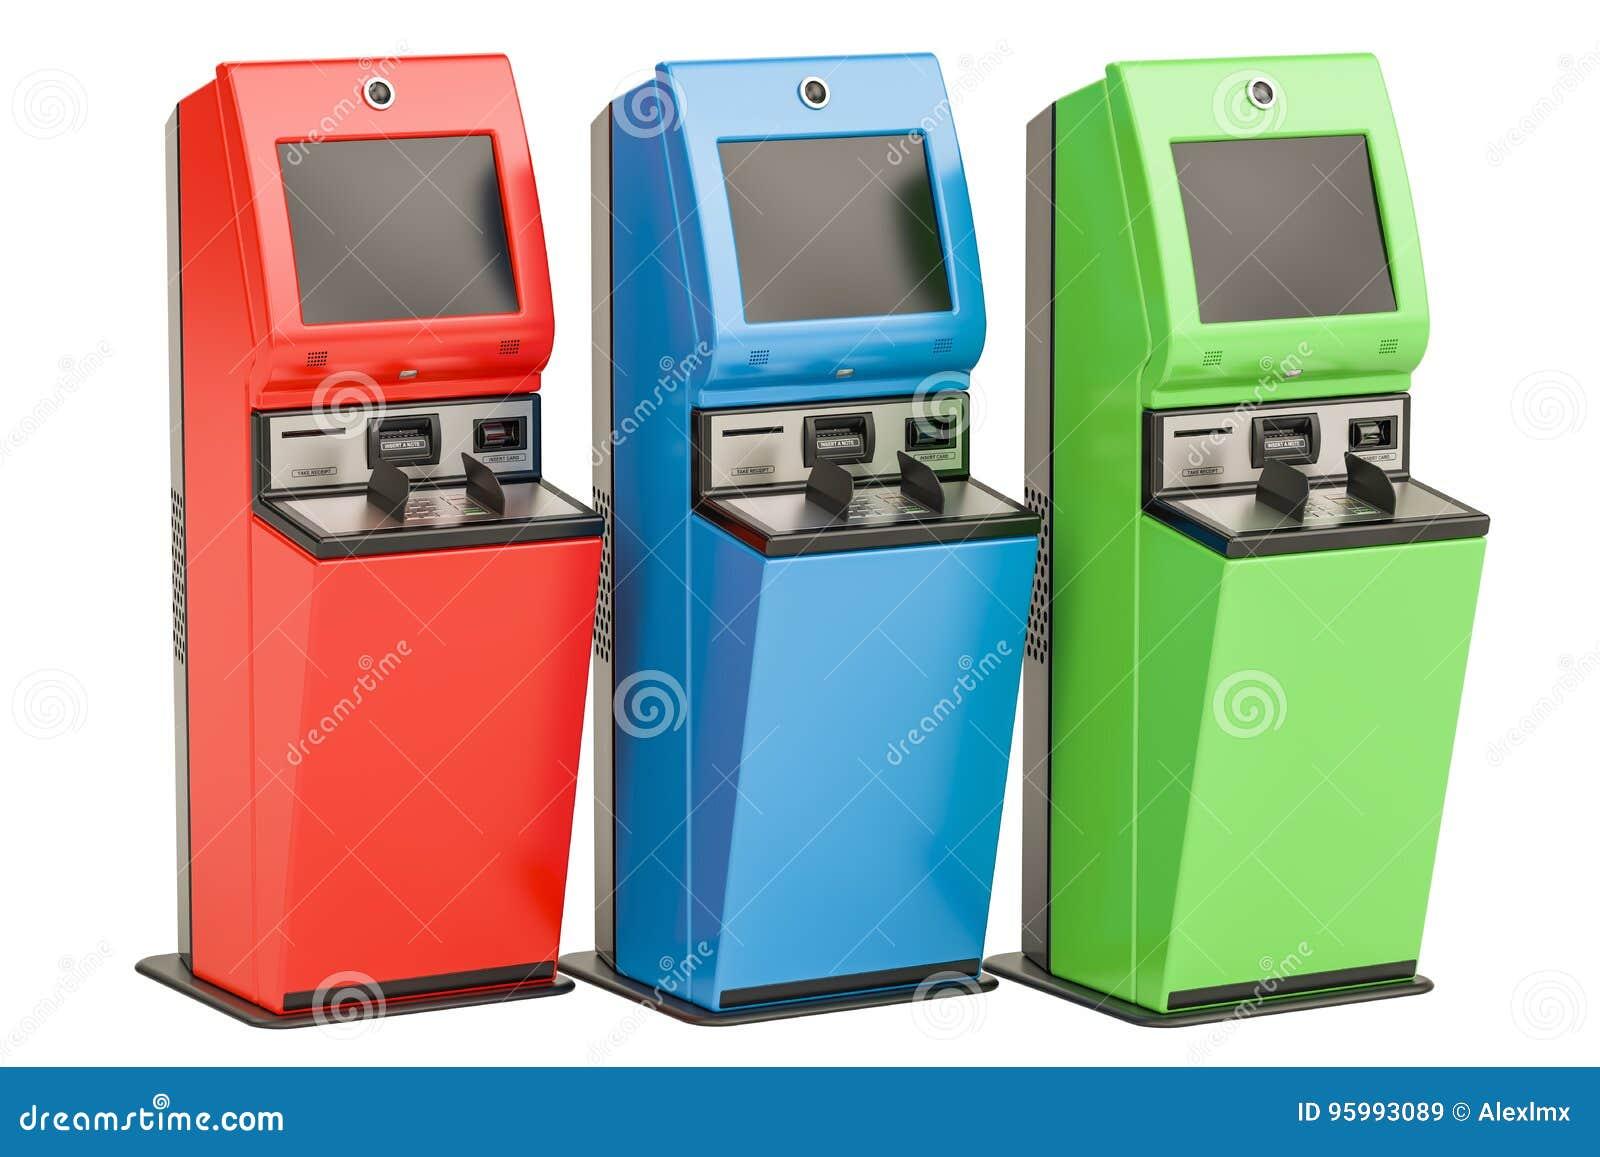 数字式触摸屏幕终端 金融服务报亭, 3D ren